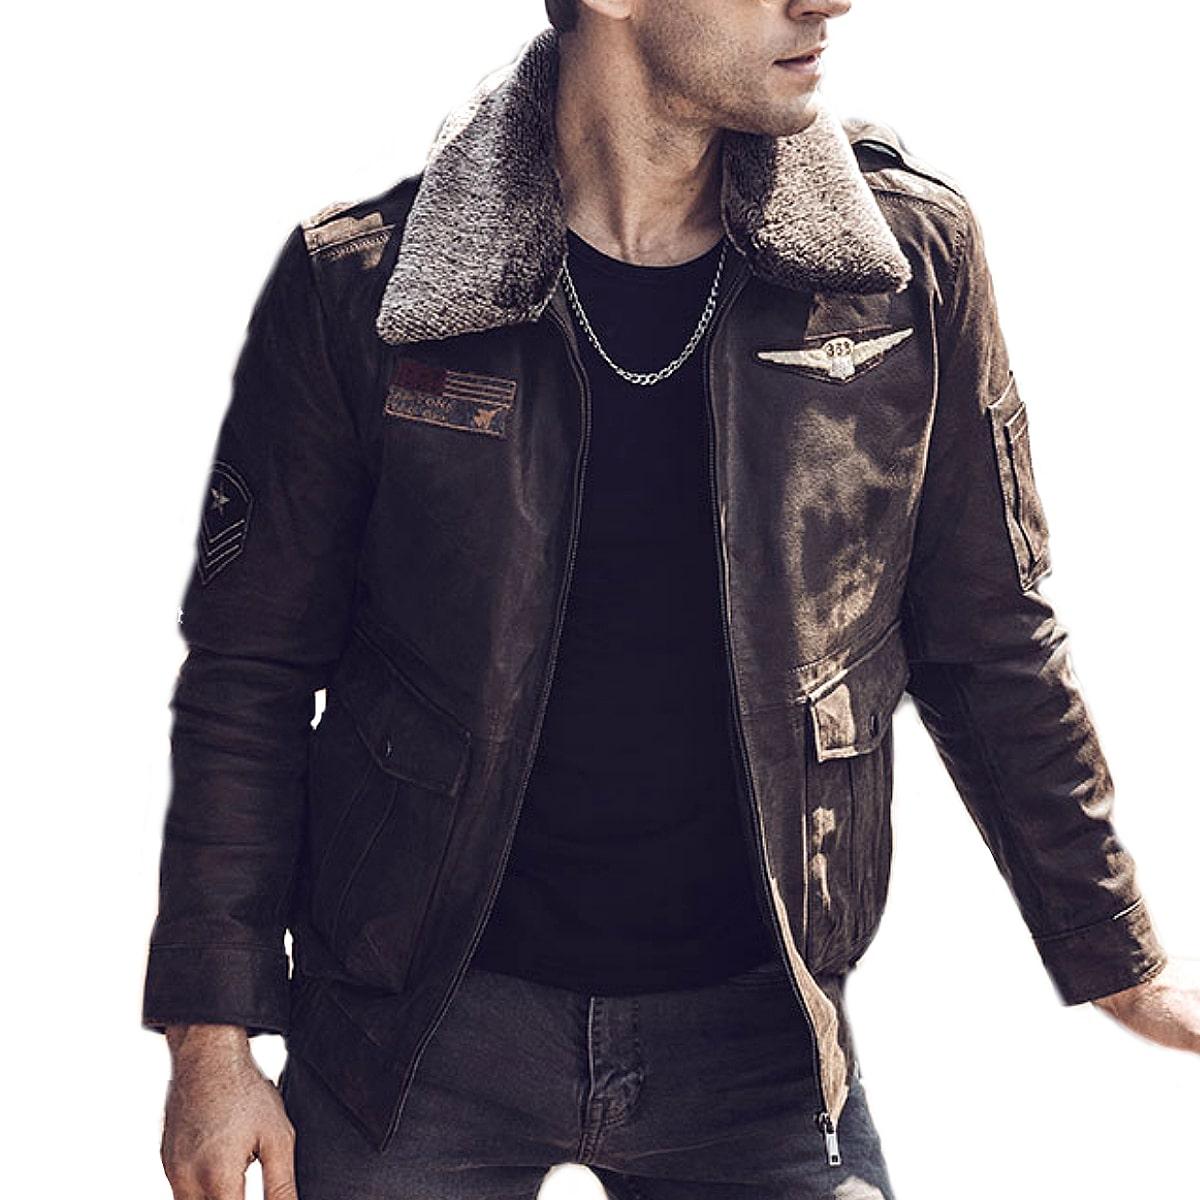 【送料無料!】全10サイズ! [Men's Aviator Pigskin Genuine Leather Jacket] メンズ アビエーター ピッグスキン ジェニュインレザー ジャケット! 本革 豚革 革ジャン ブラウン 茶 フライトジャケット ボア ワッペン ライダース コート アウター バイクに!